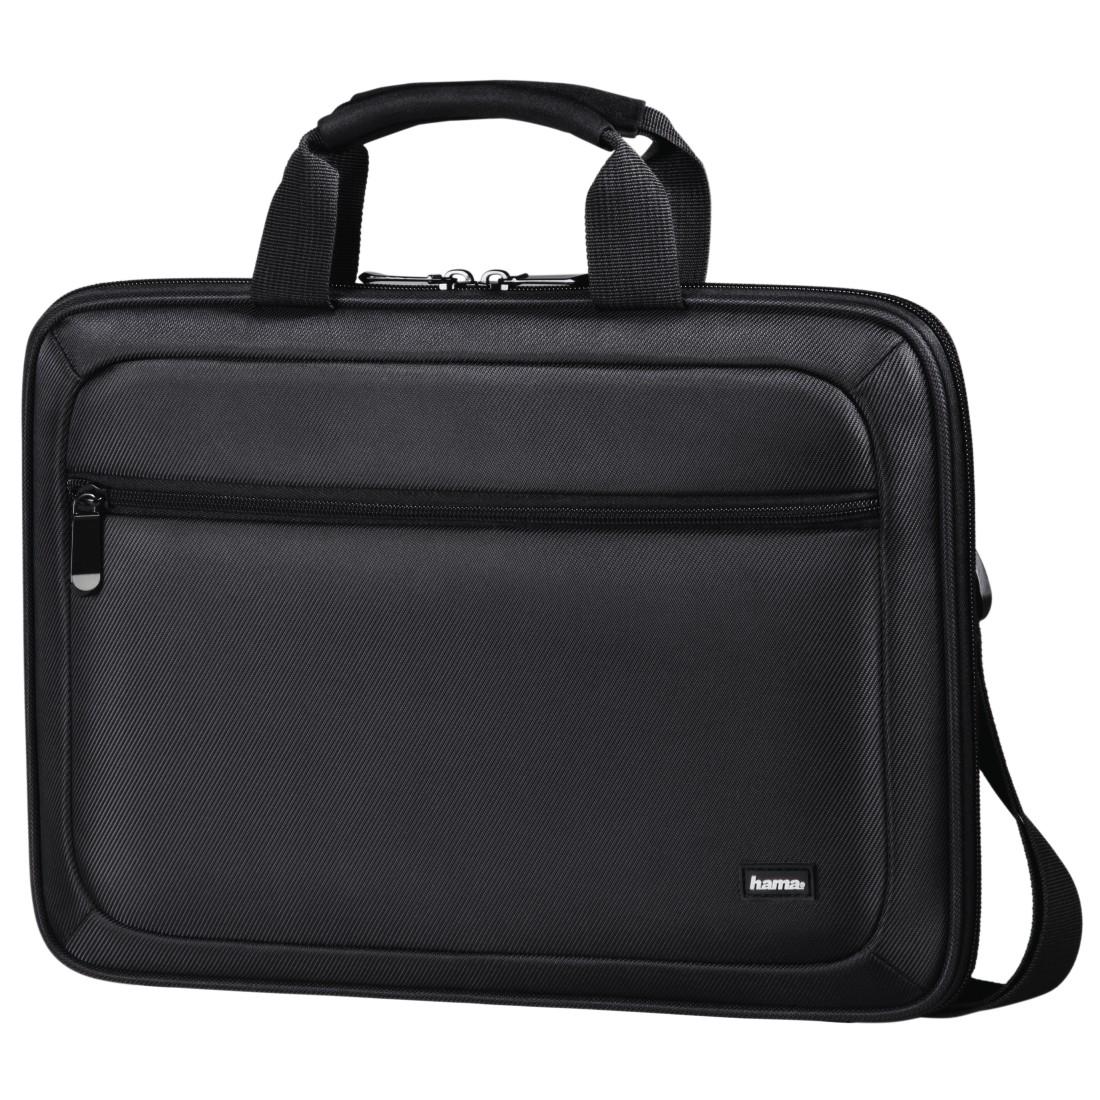 17.3 Zoll Hama Jersey Notebooktasche 43,9 cm 17.3 Zoll , ausziehbar, 369 g, Rot Notebook-H/ülle Rot Notebook-H/ülle, 43,9 cm Notebooktaschen